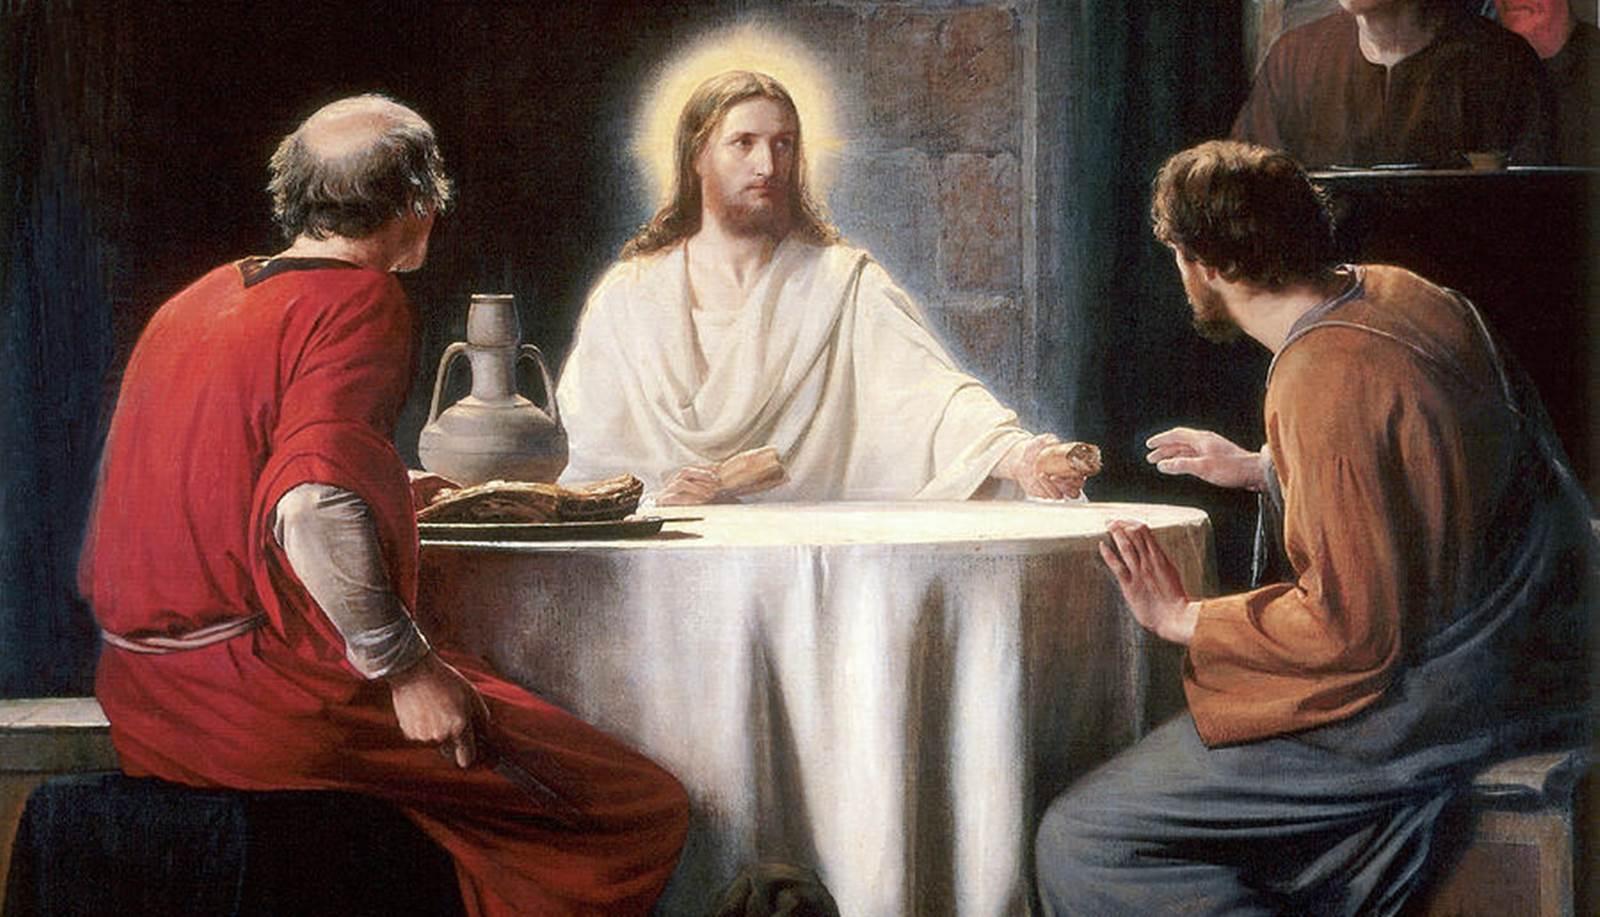 Mời ông ở lại với chúng tôi (26.4.2020 – Chúa Nhật 3 Phục Sinh, Năm A)